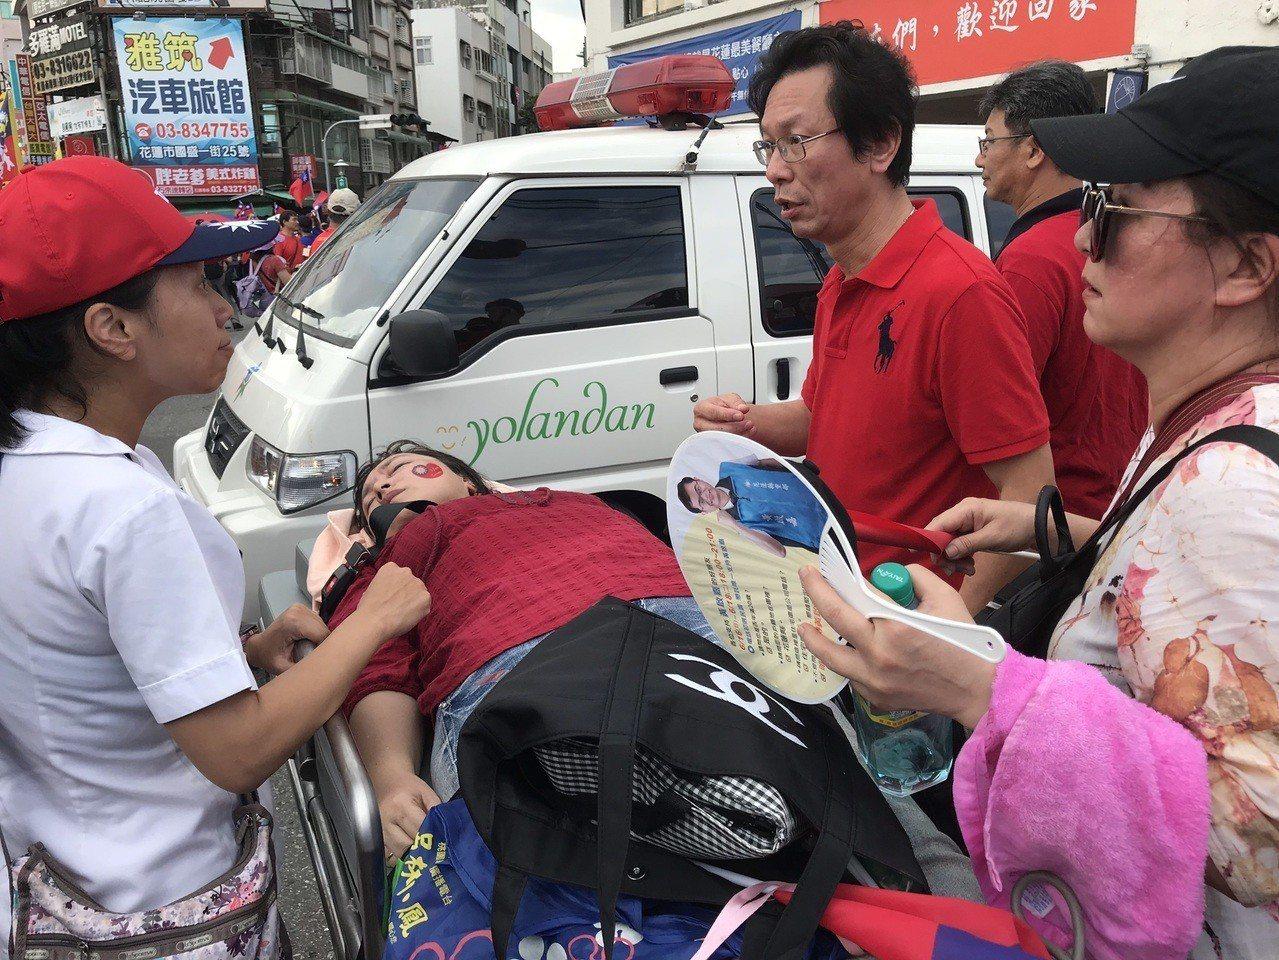 花蓮挺韓大會主辦單位宣布破8萬人,有韓粉不適送醫。記者王燕華/攝影